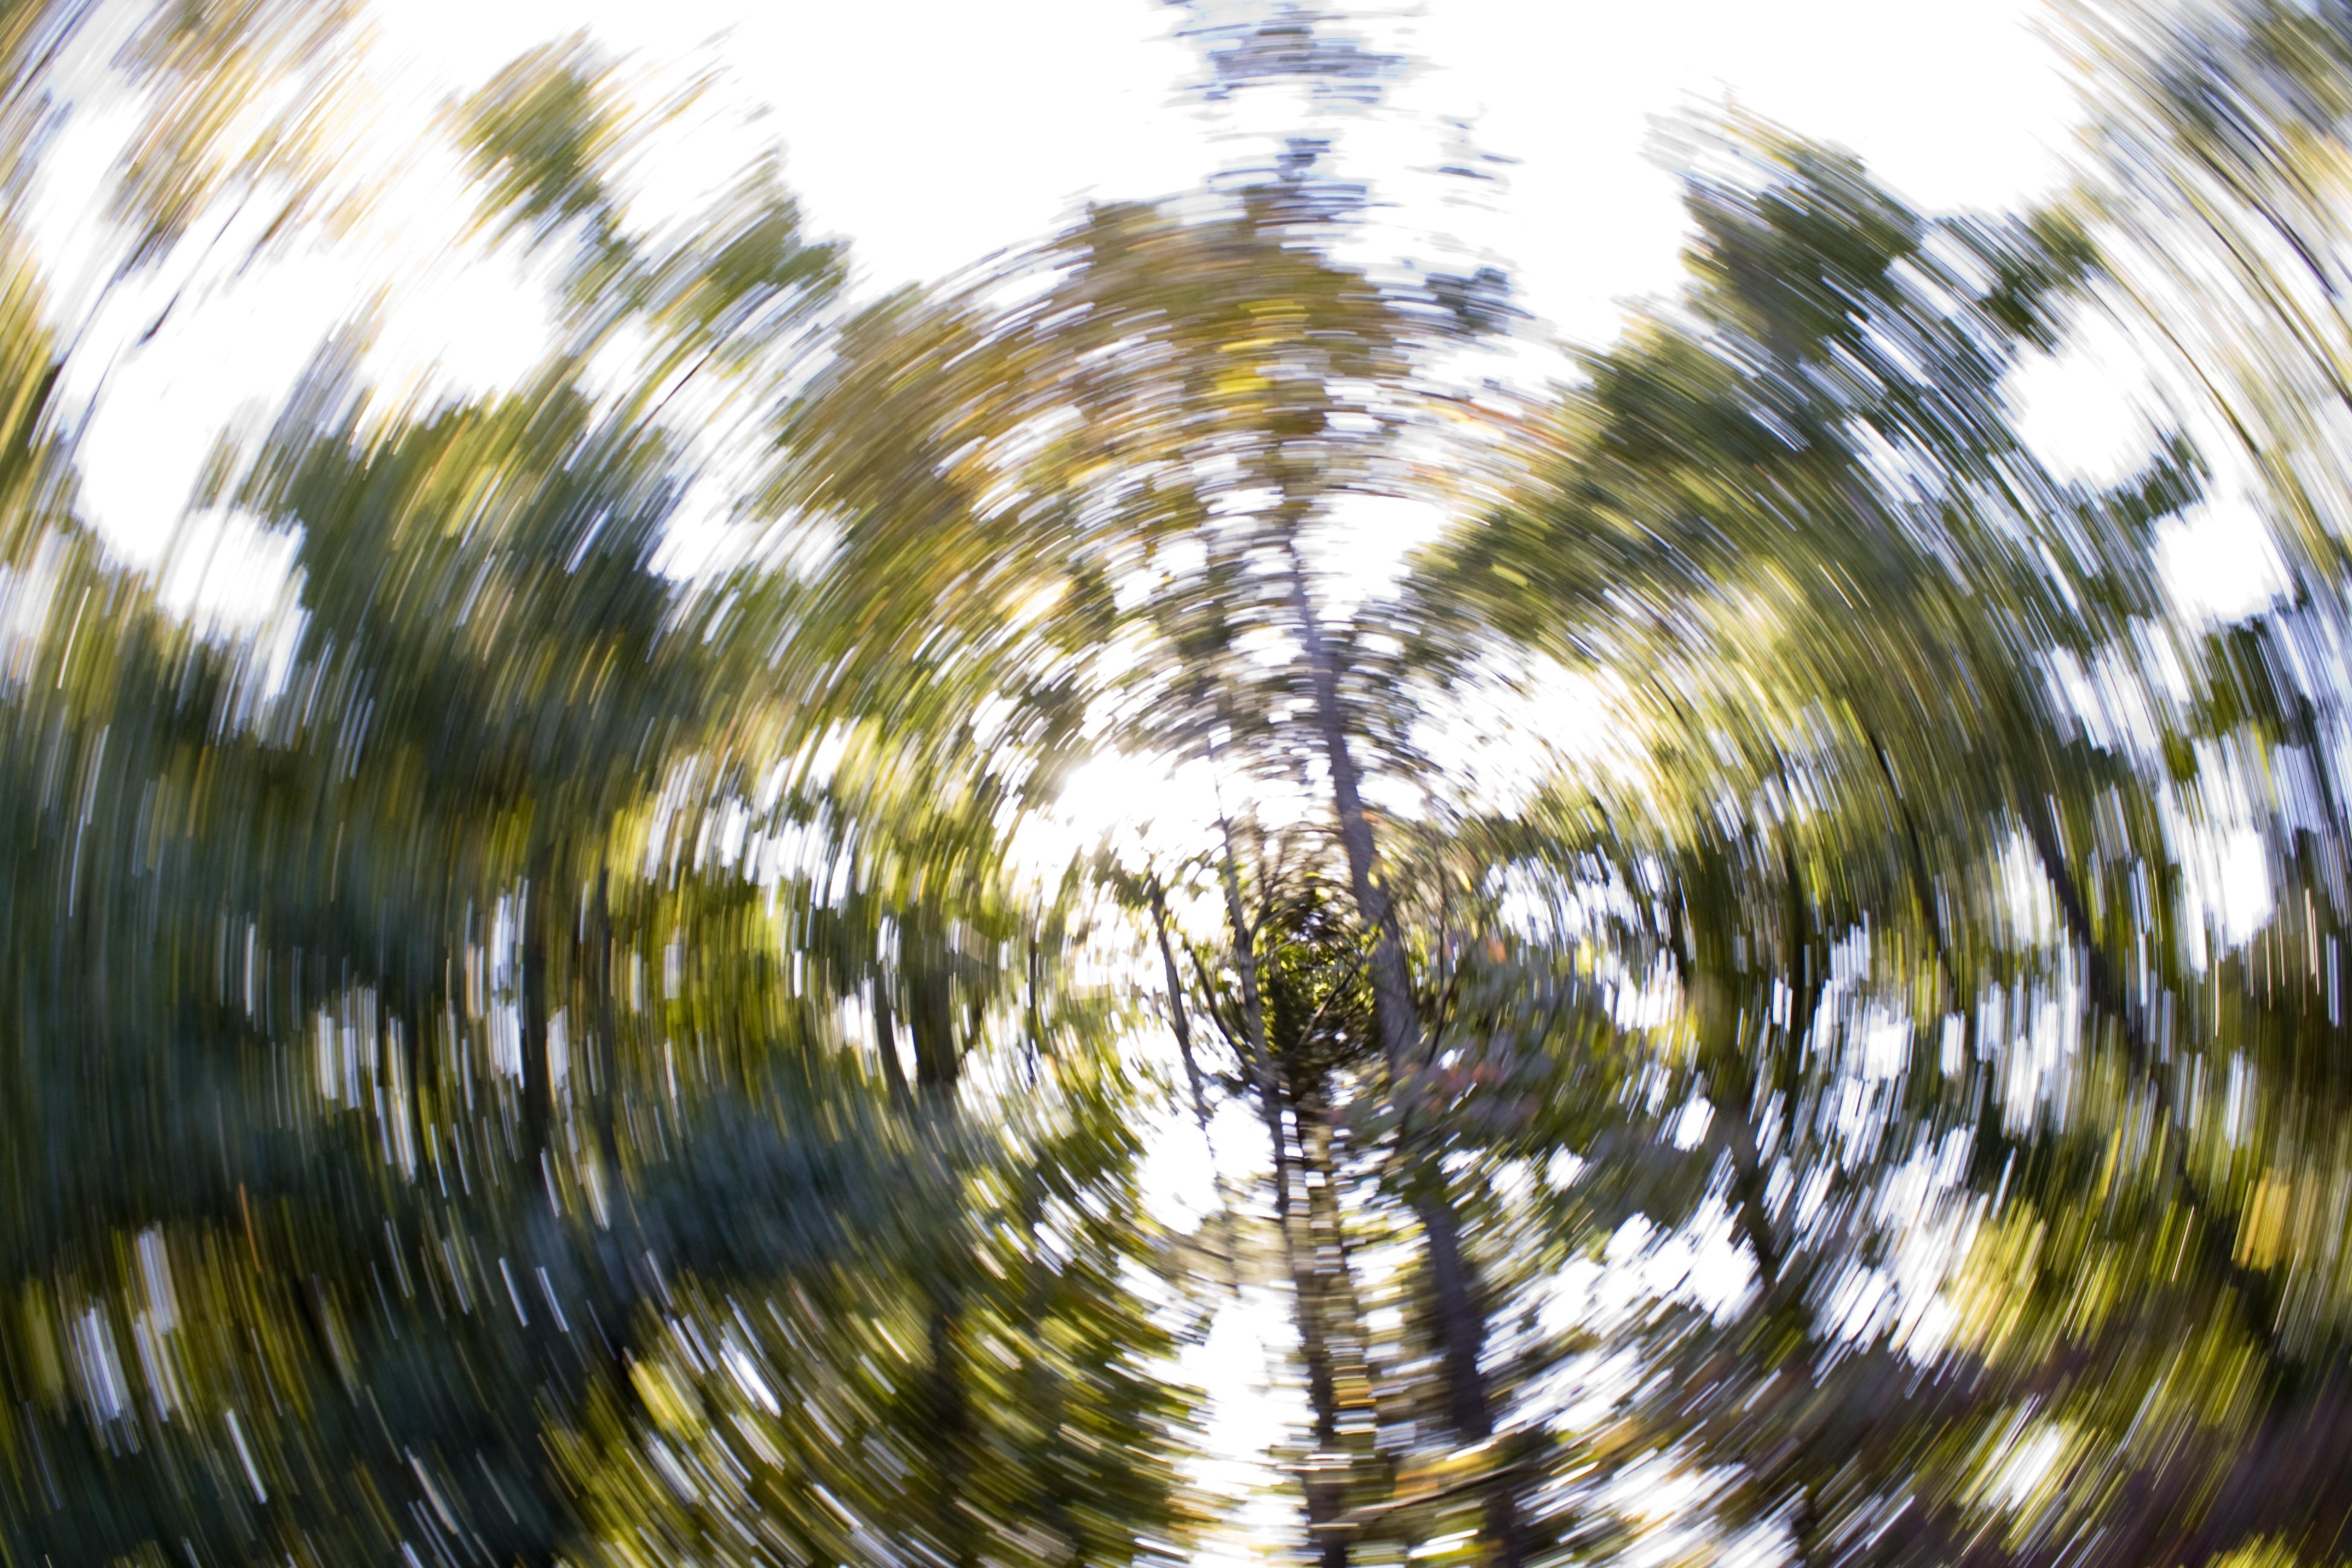 shutterstock_365594900 yrsel känna sig yr tappa balansen spänningsyrsel bli yr snurrar i huvudet snurrig i huvudet.jpg